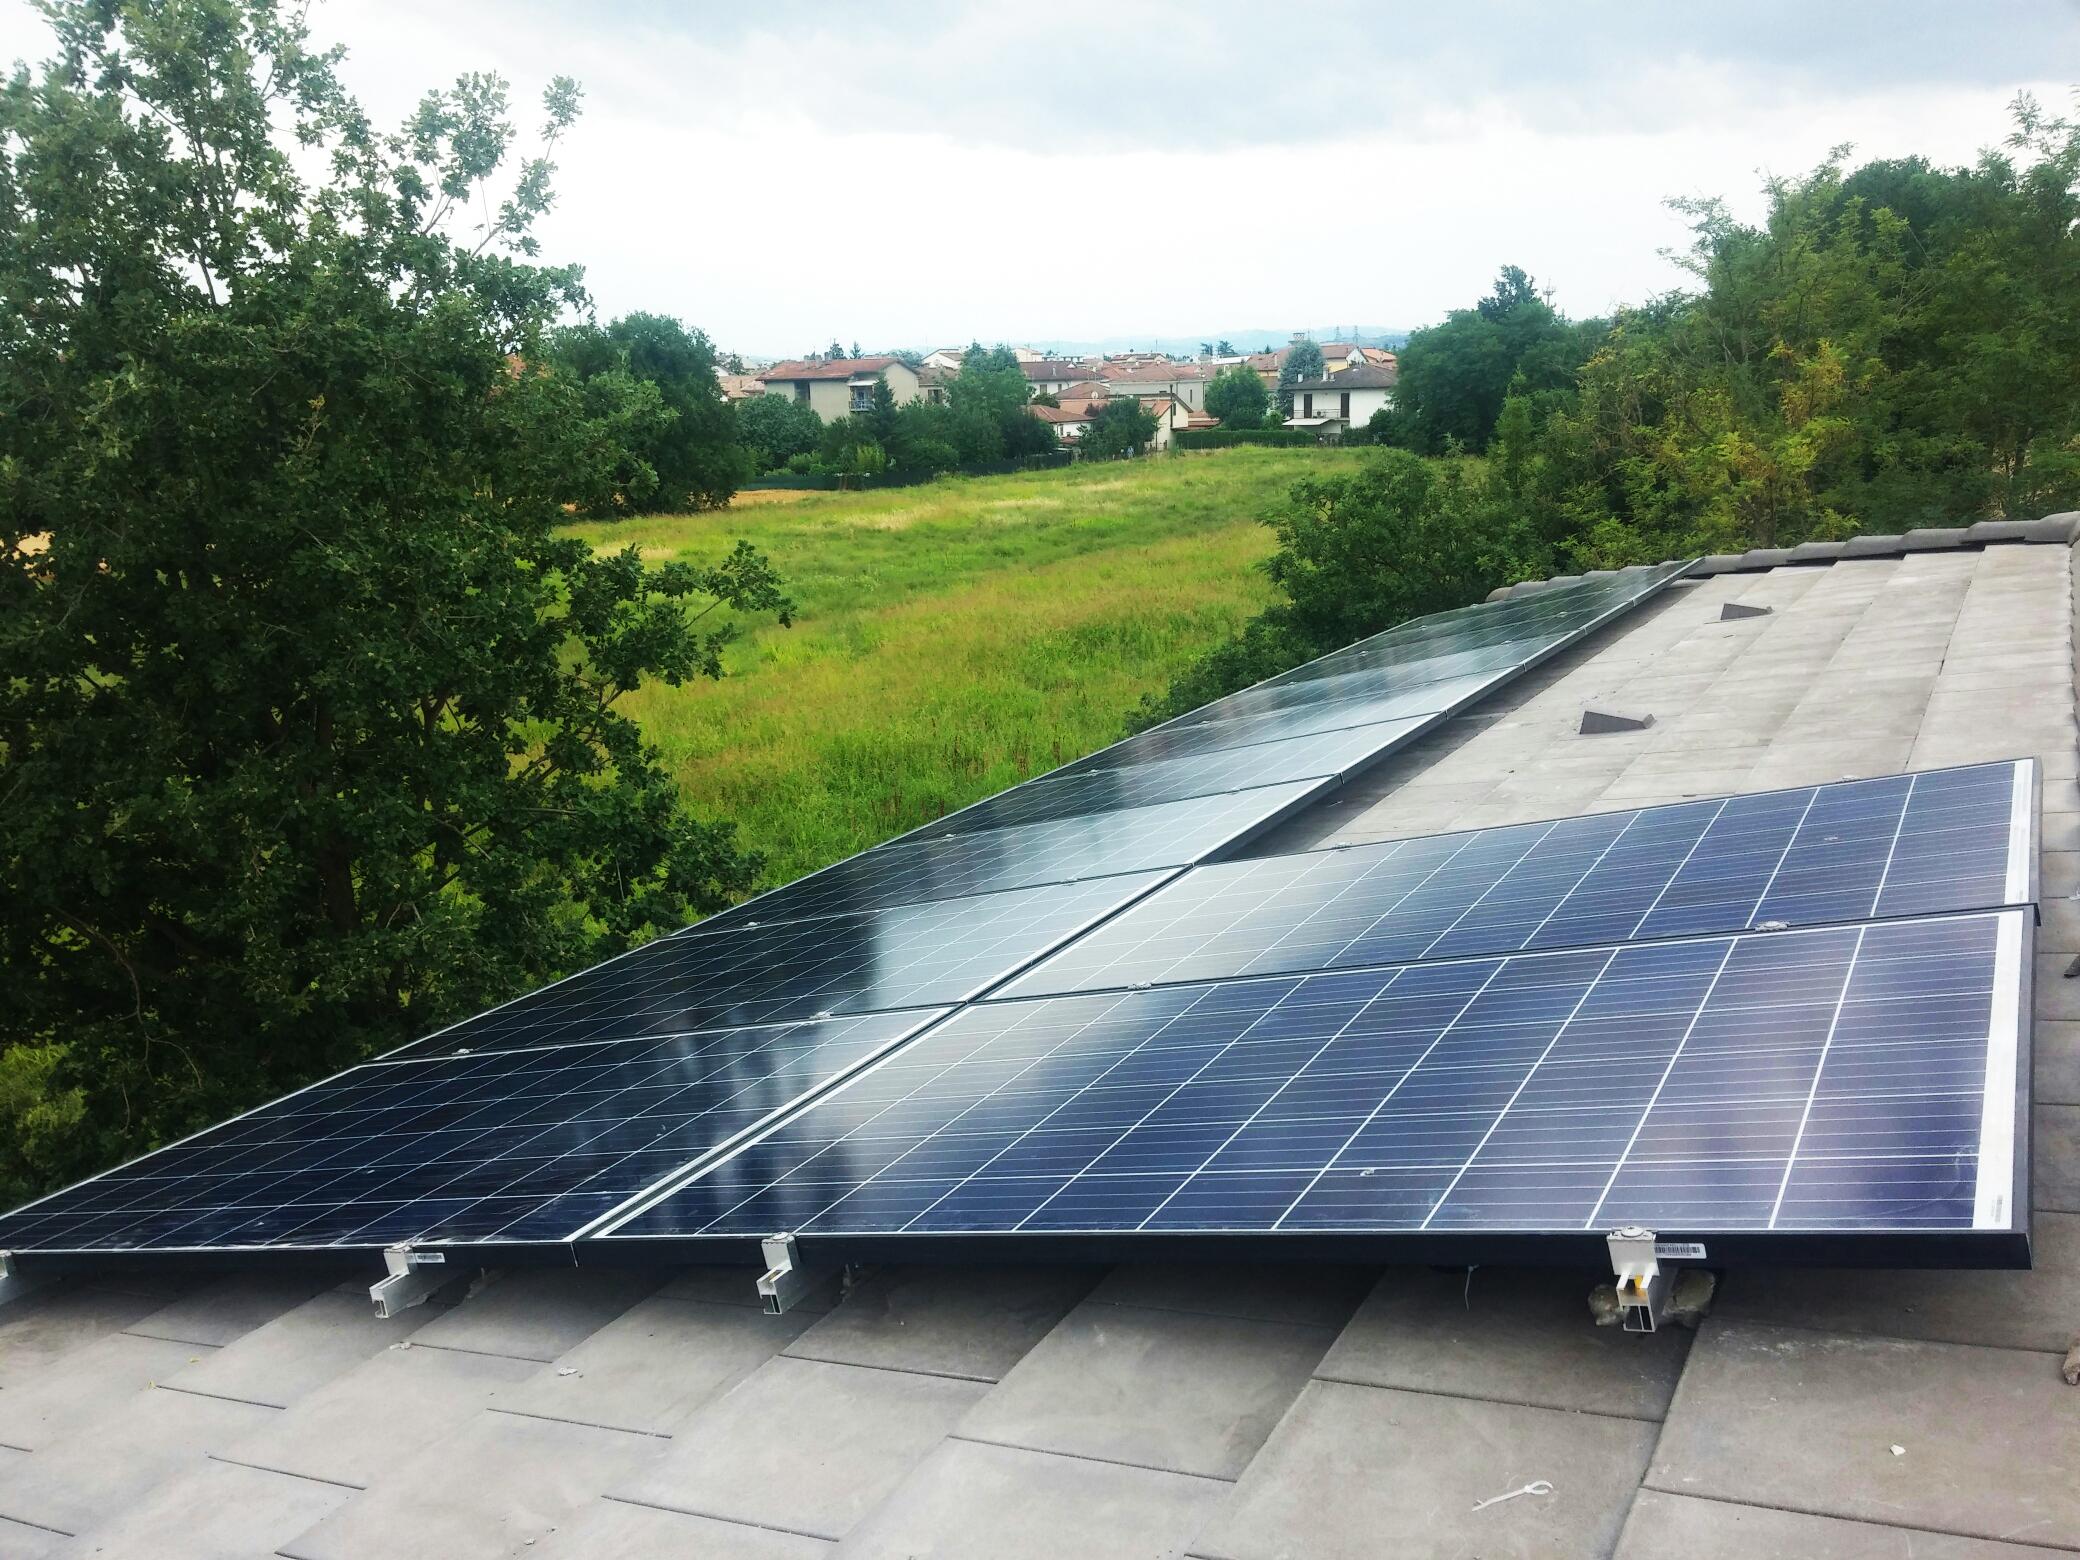 Impianto Fotovoltaico da 6kWp a Forlì (FC) - soetech.it